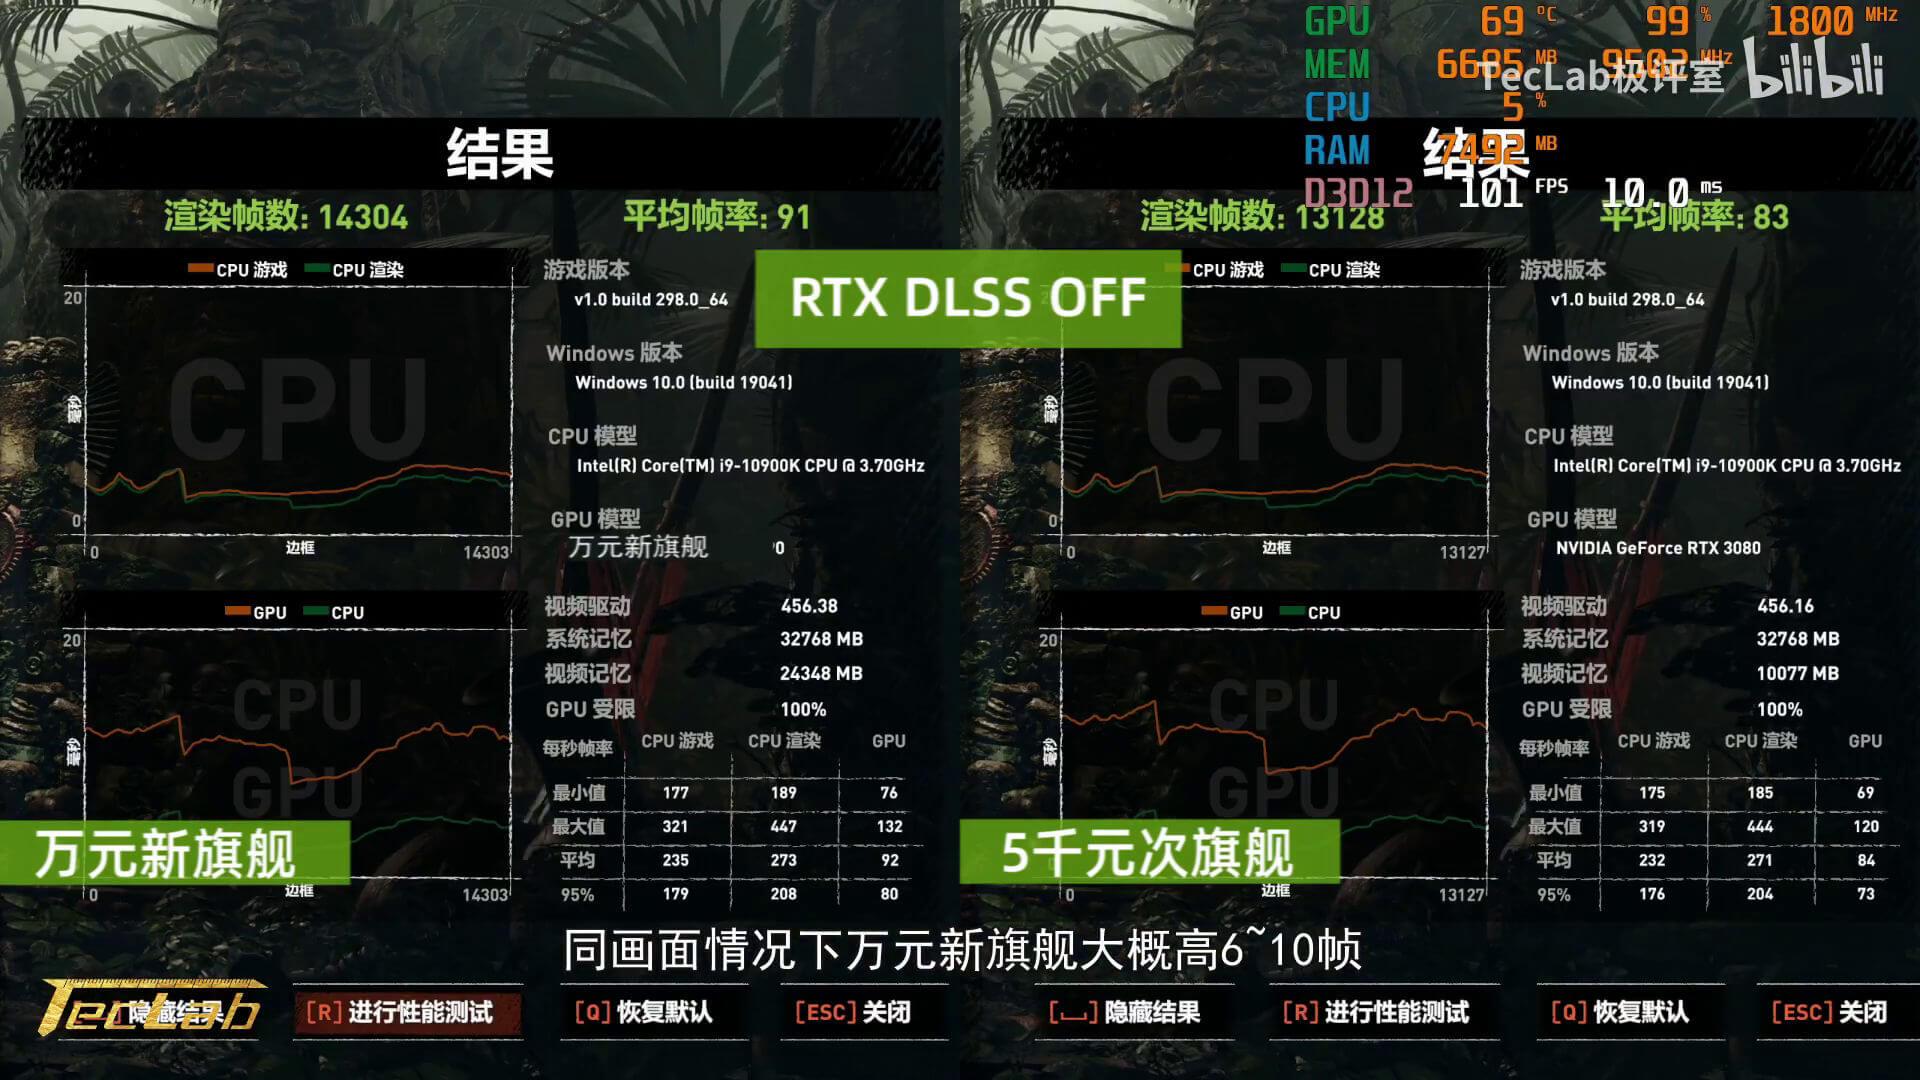 NVIDIA RTX3090 leaked benchmarks-7